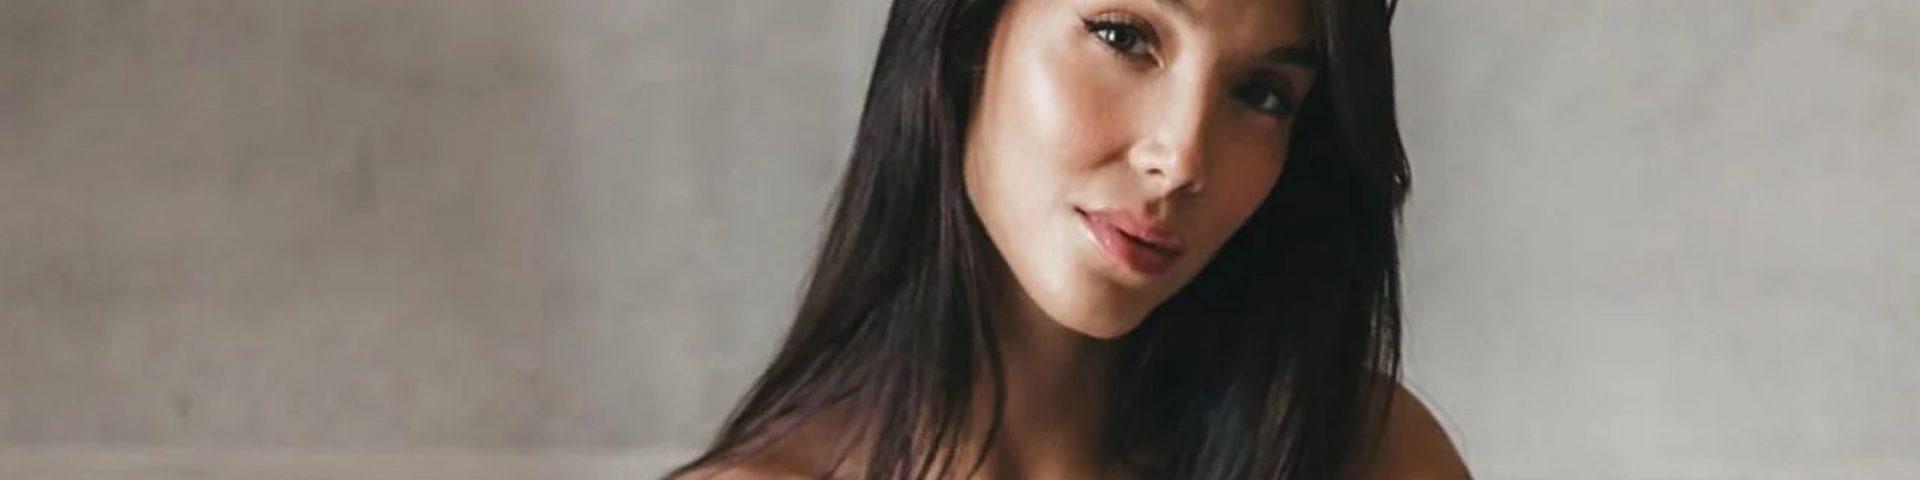 Paola Di Benedetto ha vinto il Grande Fratello Vip 2020 (Video)